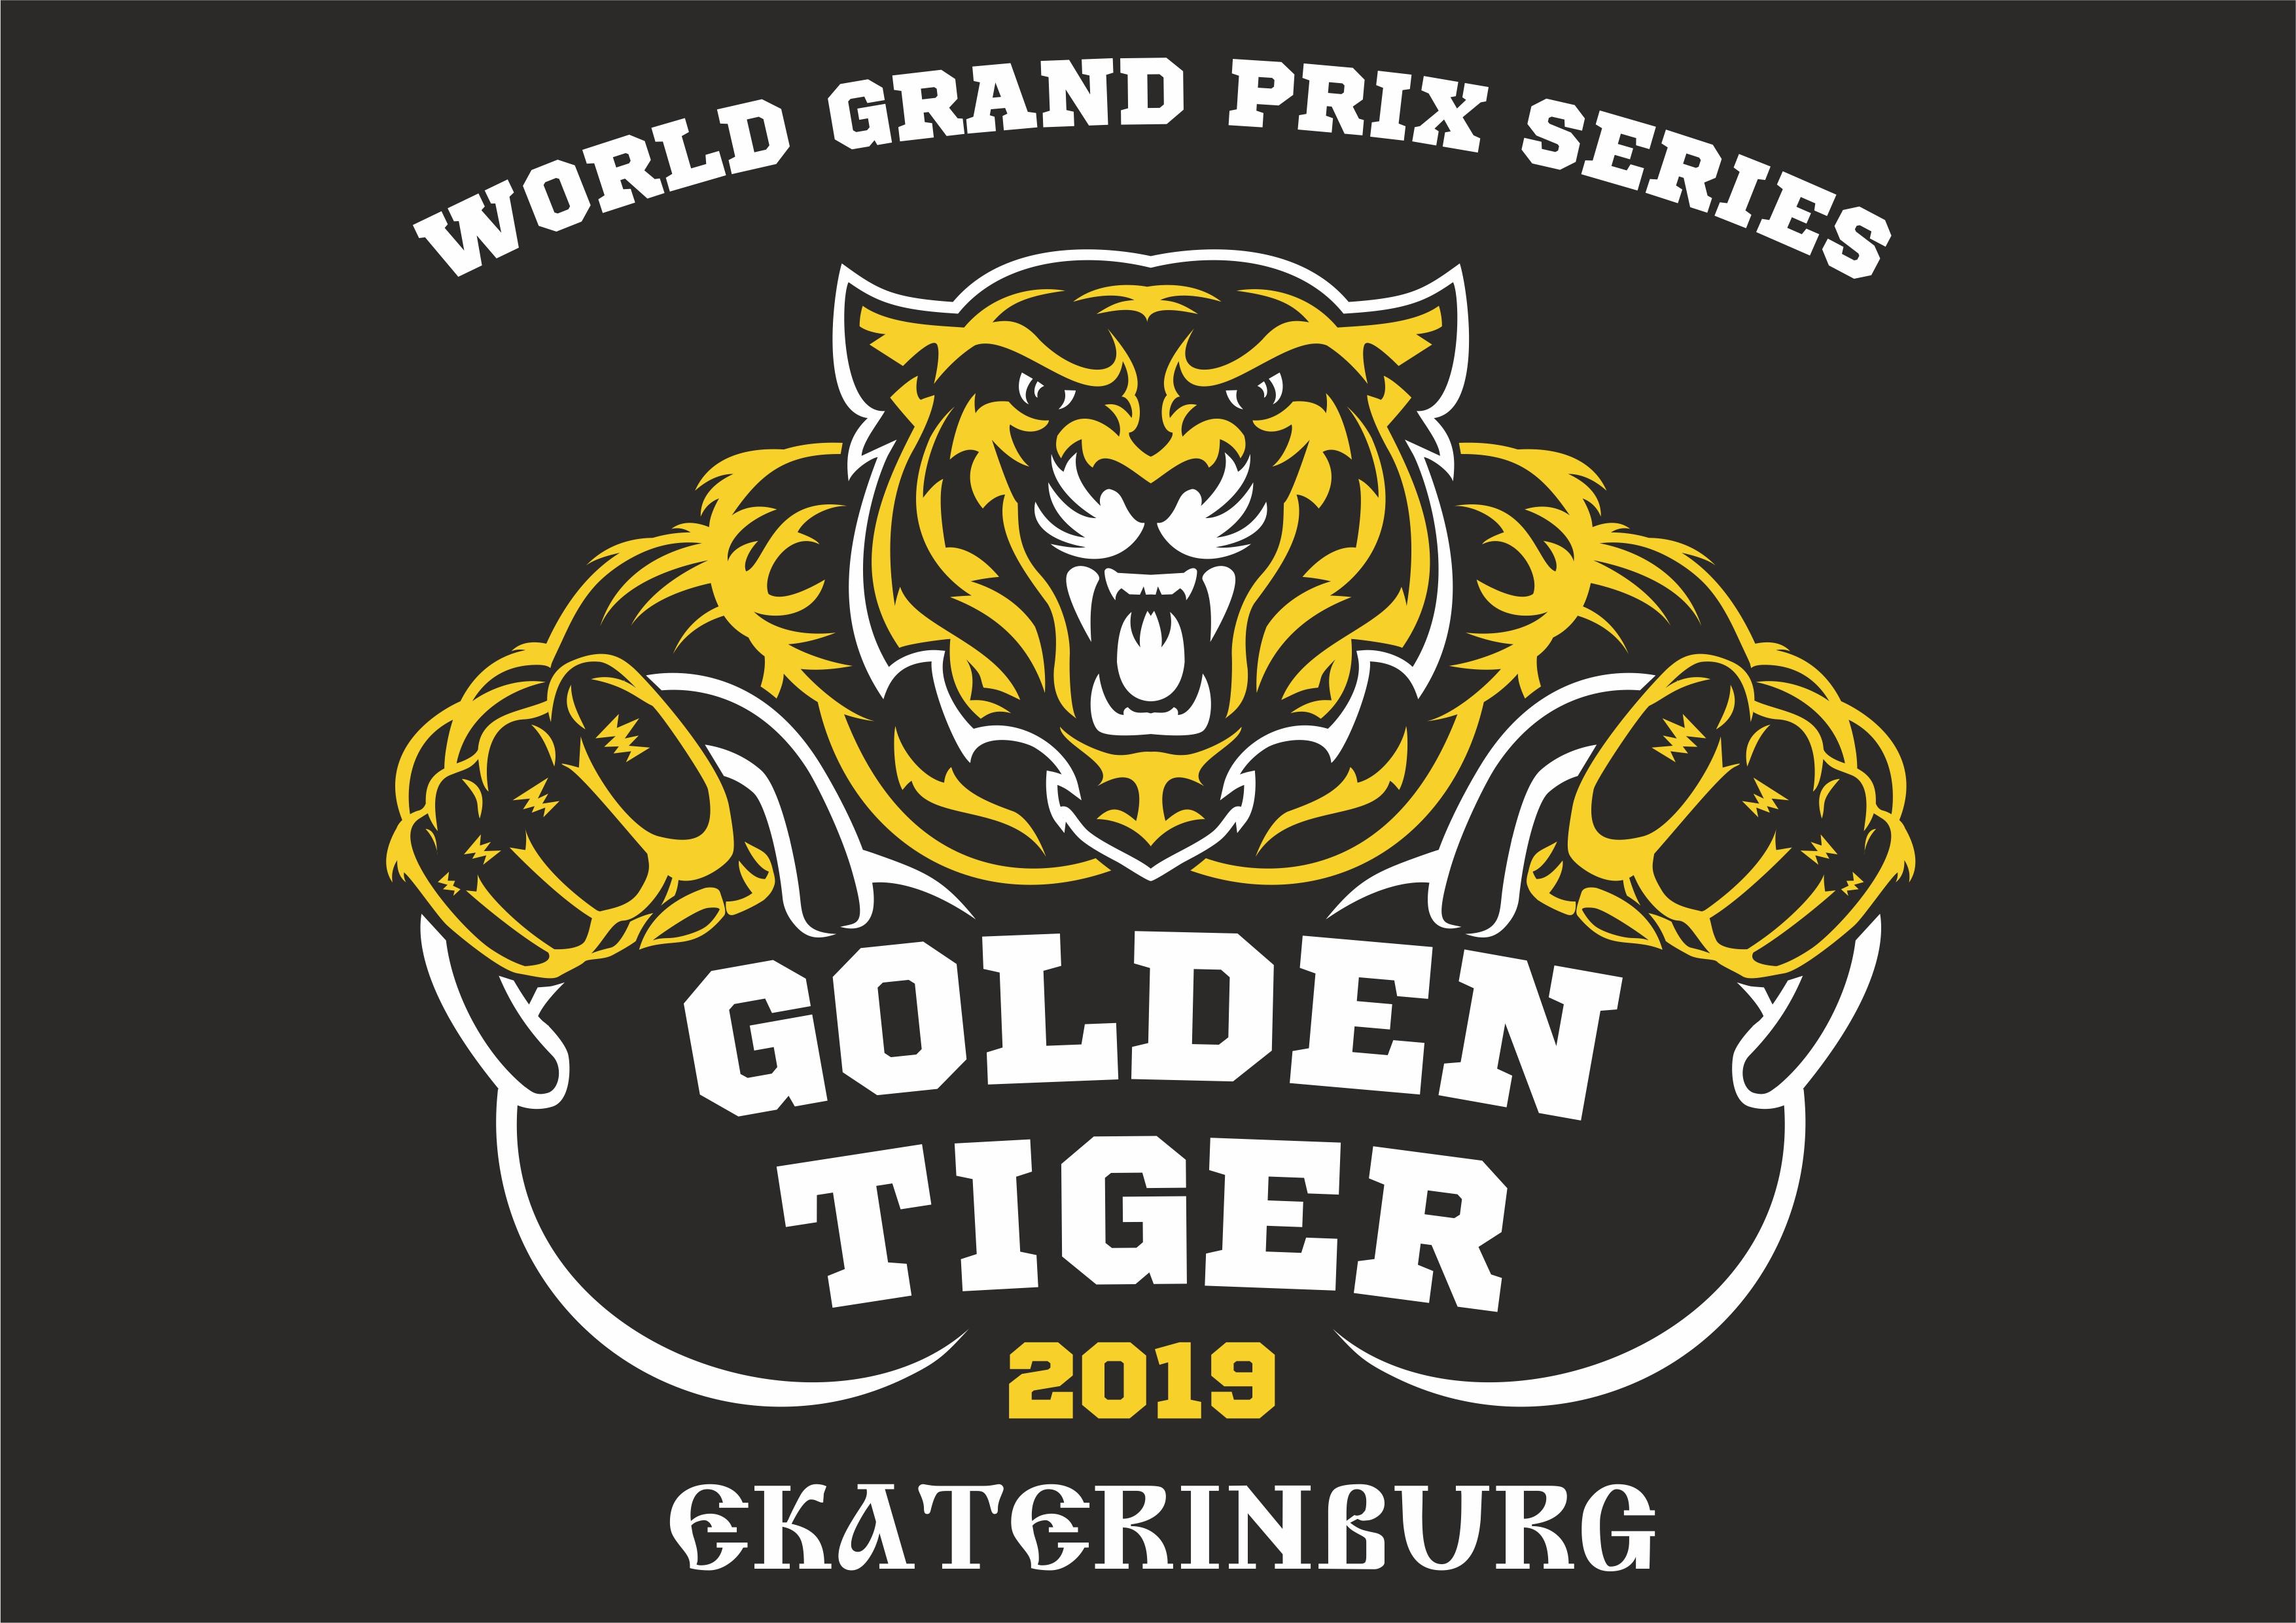 Золотой тигр по гиревому спорту